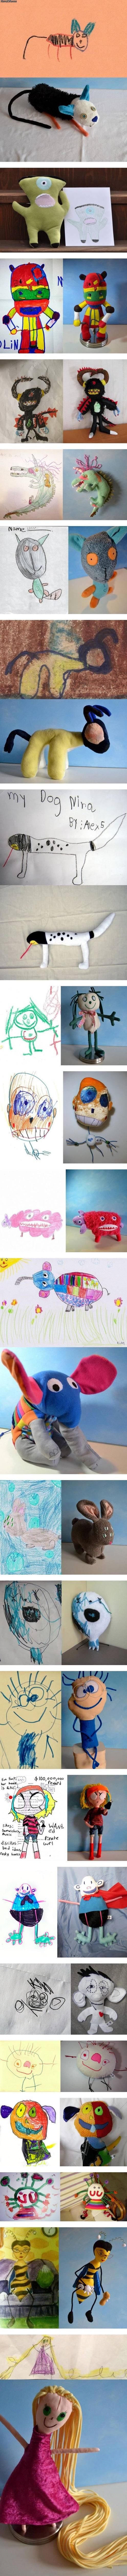 Om barns teckningar var leksaker